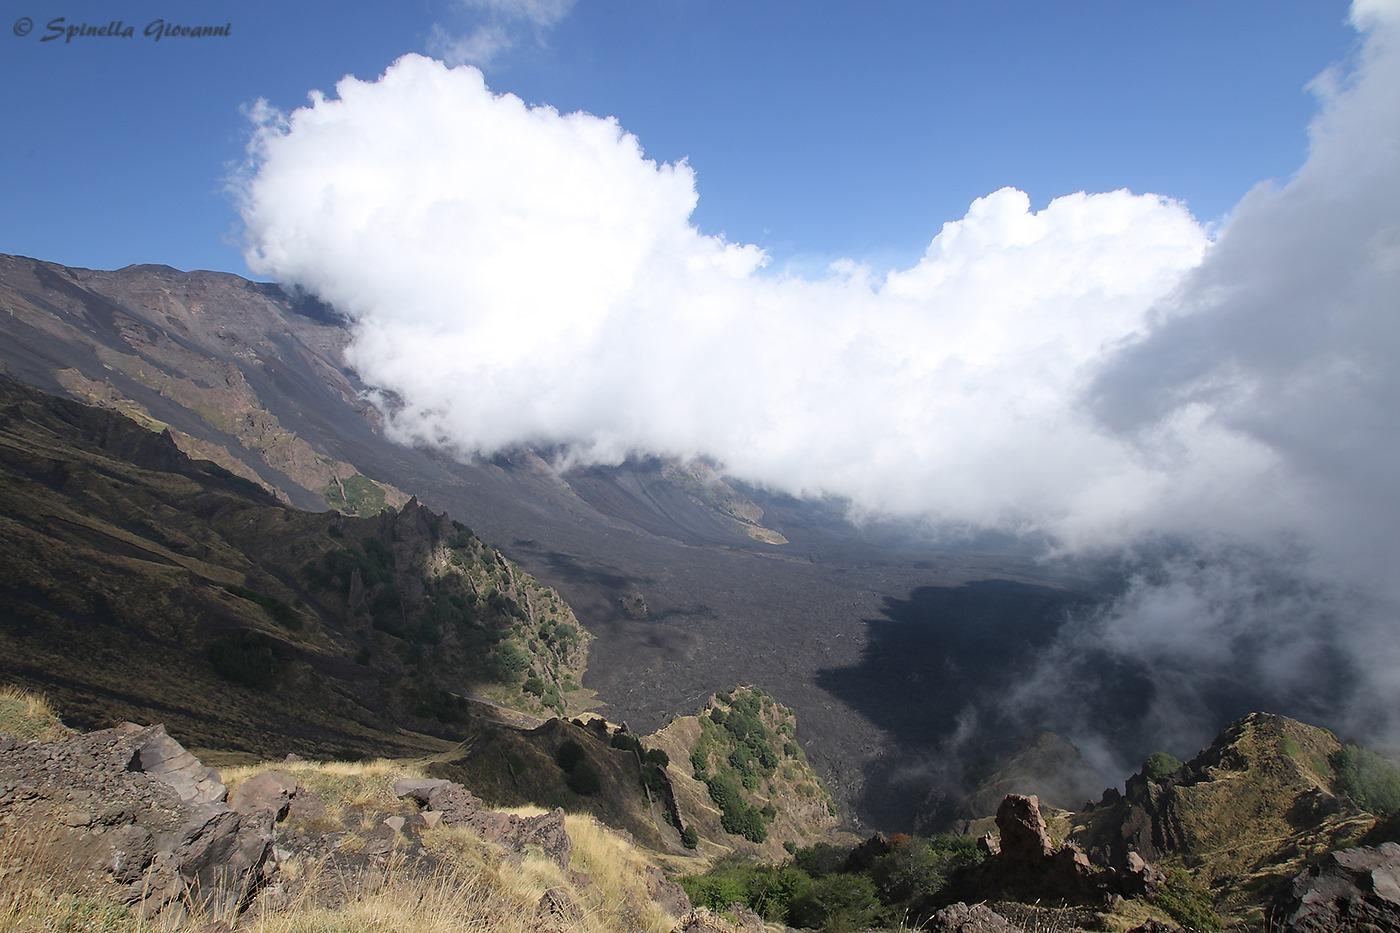 L'autore ha interpretato l'ambiente vulcanico in modo diametralmente opposto all'immagine vincitrice: la sua visione esprime luce, vita, vigore, rinnovamento